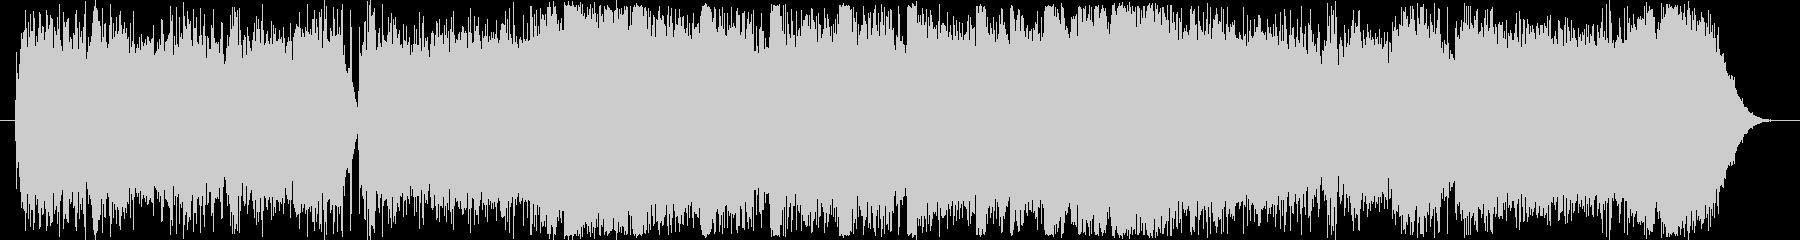 エンディング・おしゃれフューチャーベースの未再生の波形